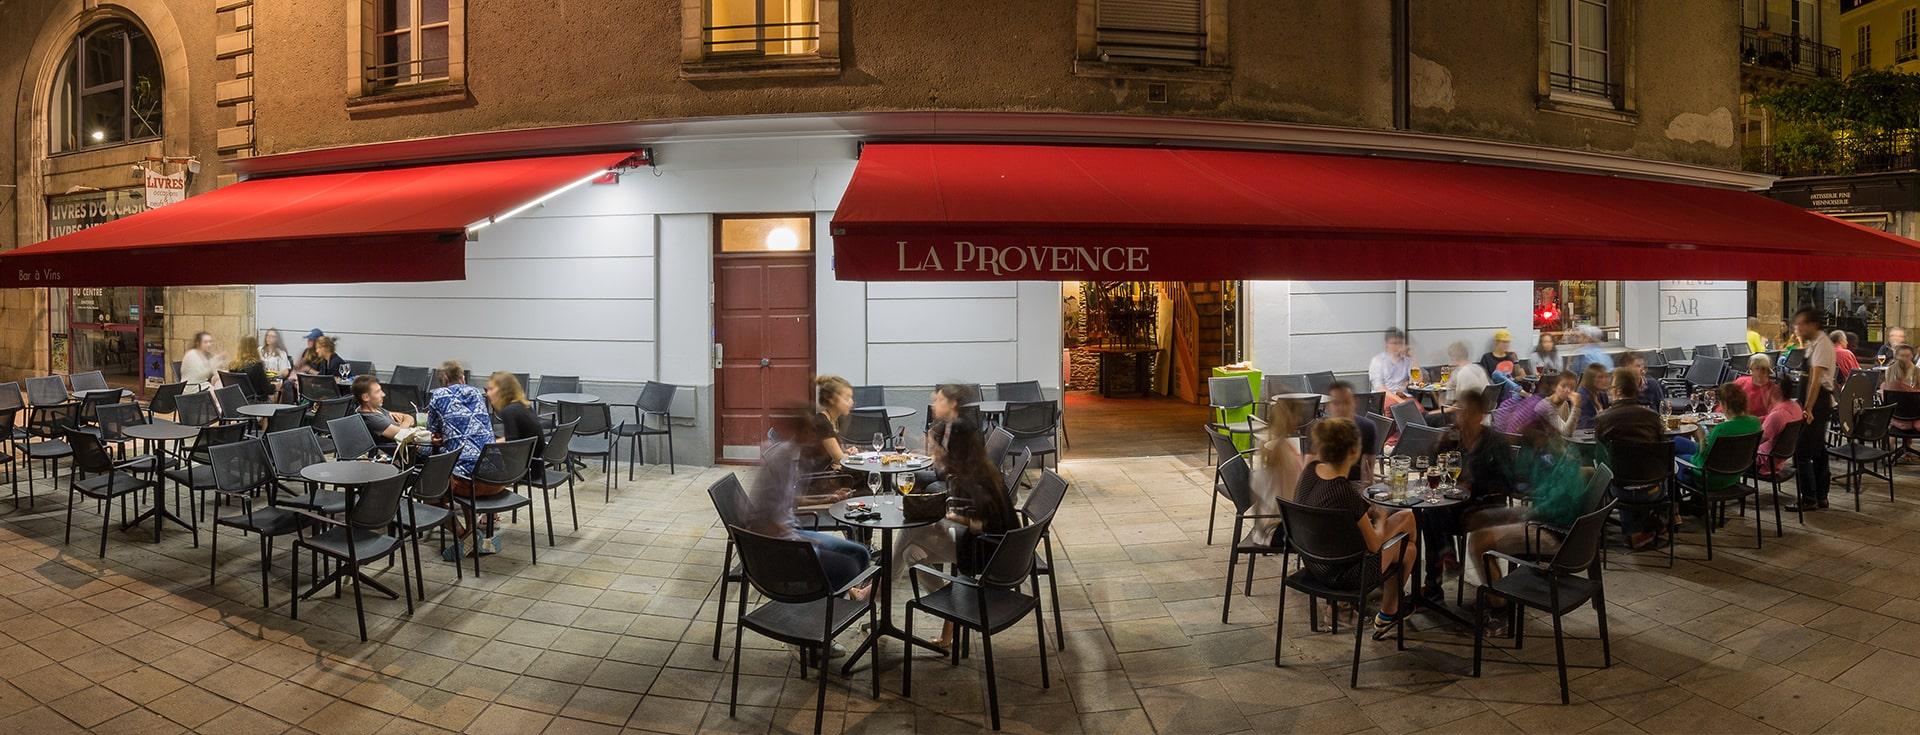 Store Banne Professionnel - Store restaurant - Store Banne Madrid spécial CHR - Bar La Provence - Format 4 1-min